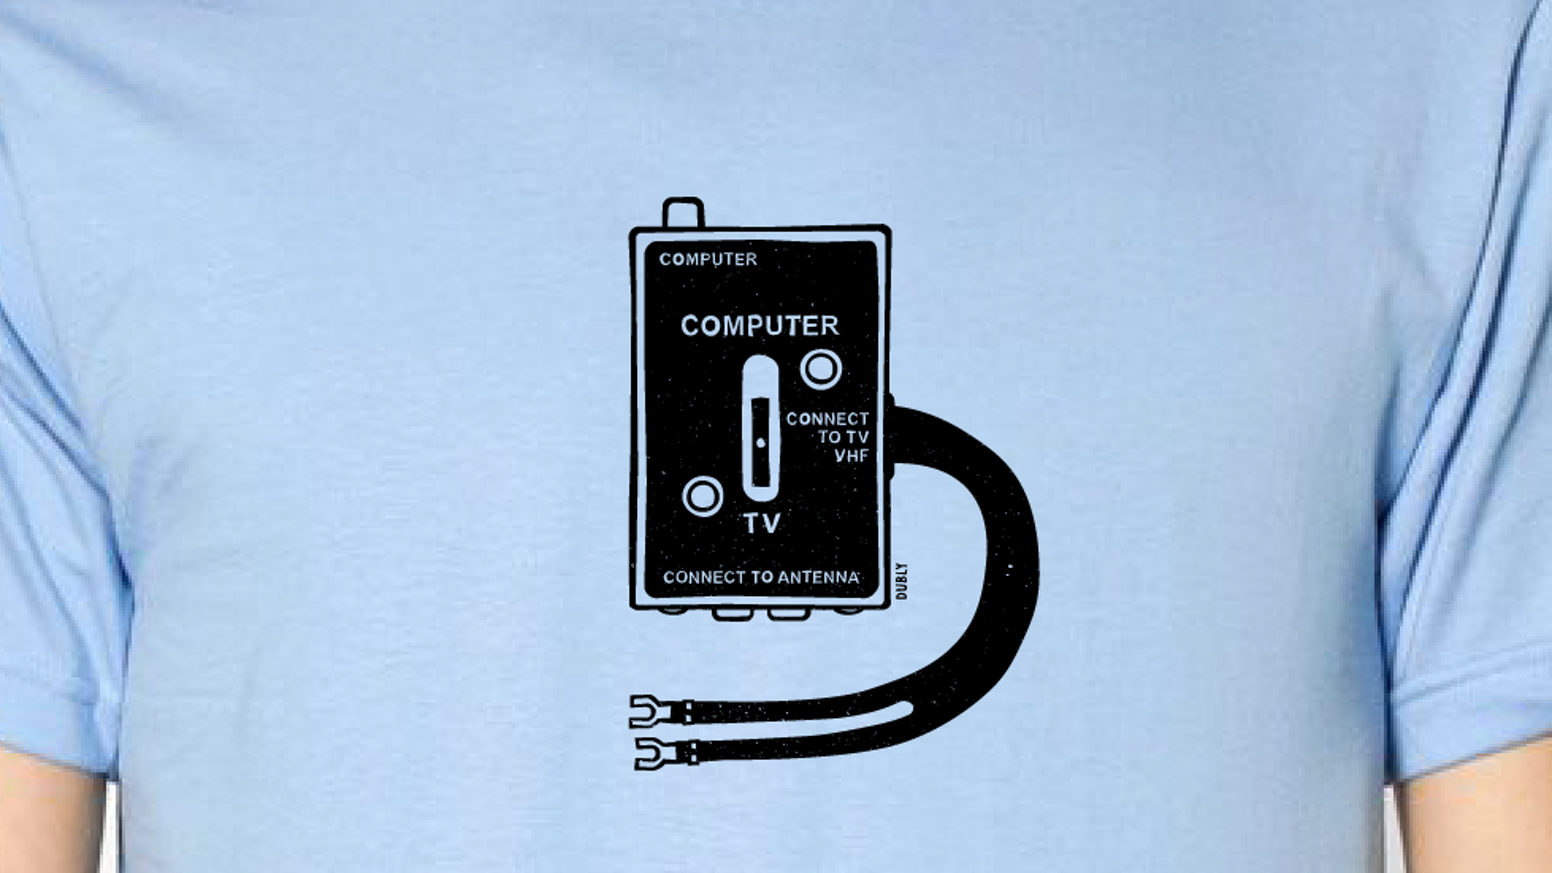 Tvcomputer Rf Switch T Shirt By Andrew Bergmann Kickstarter